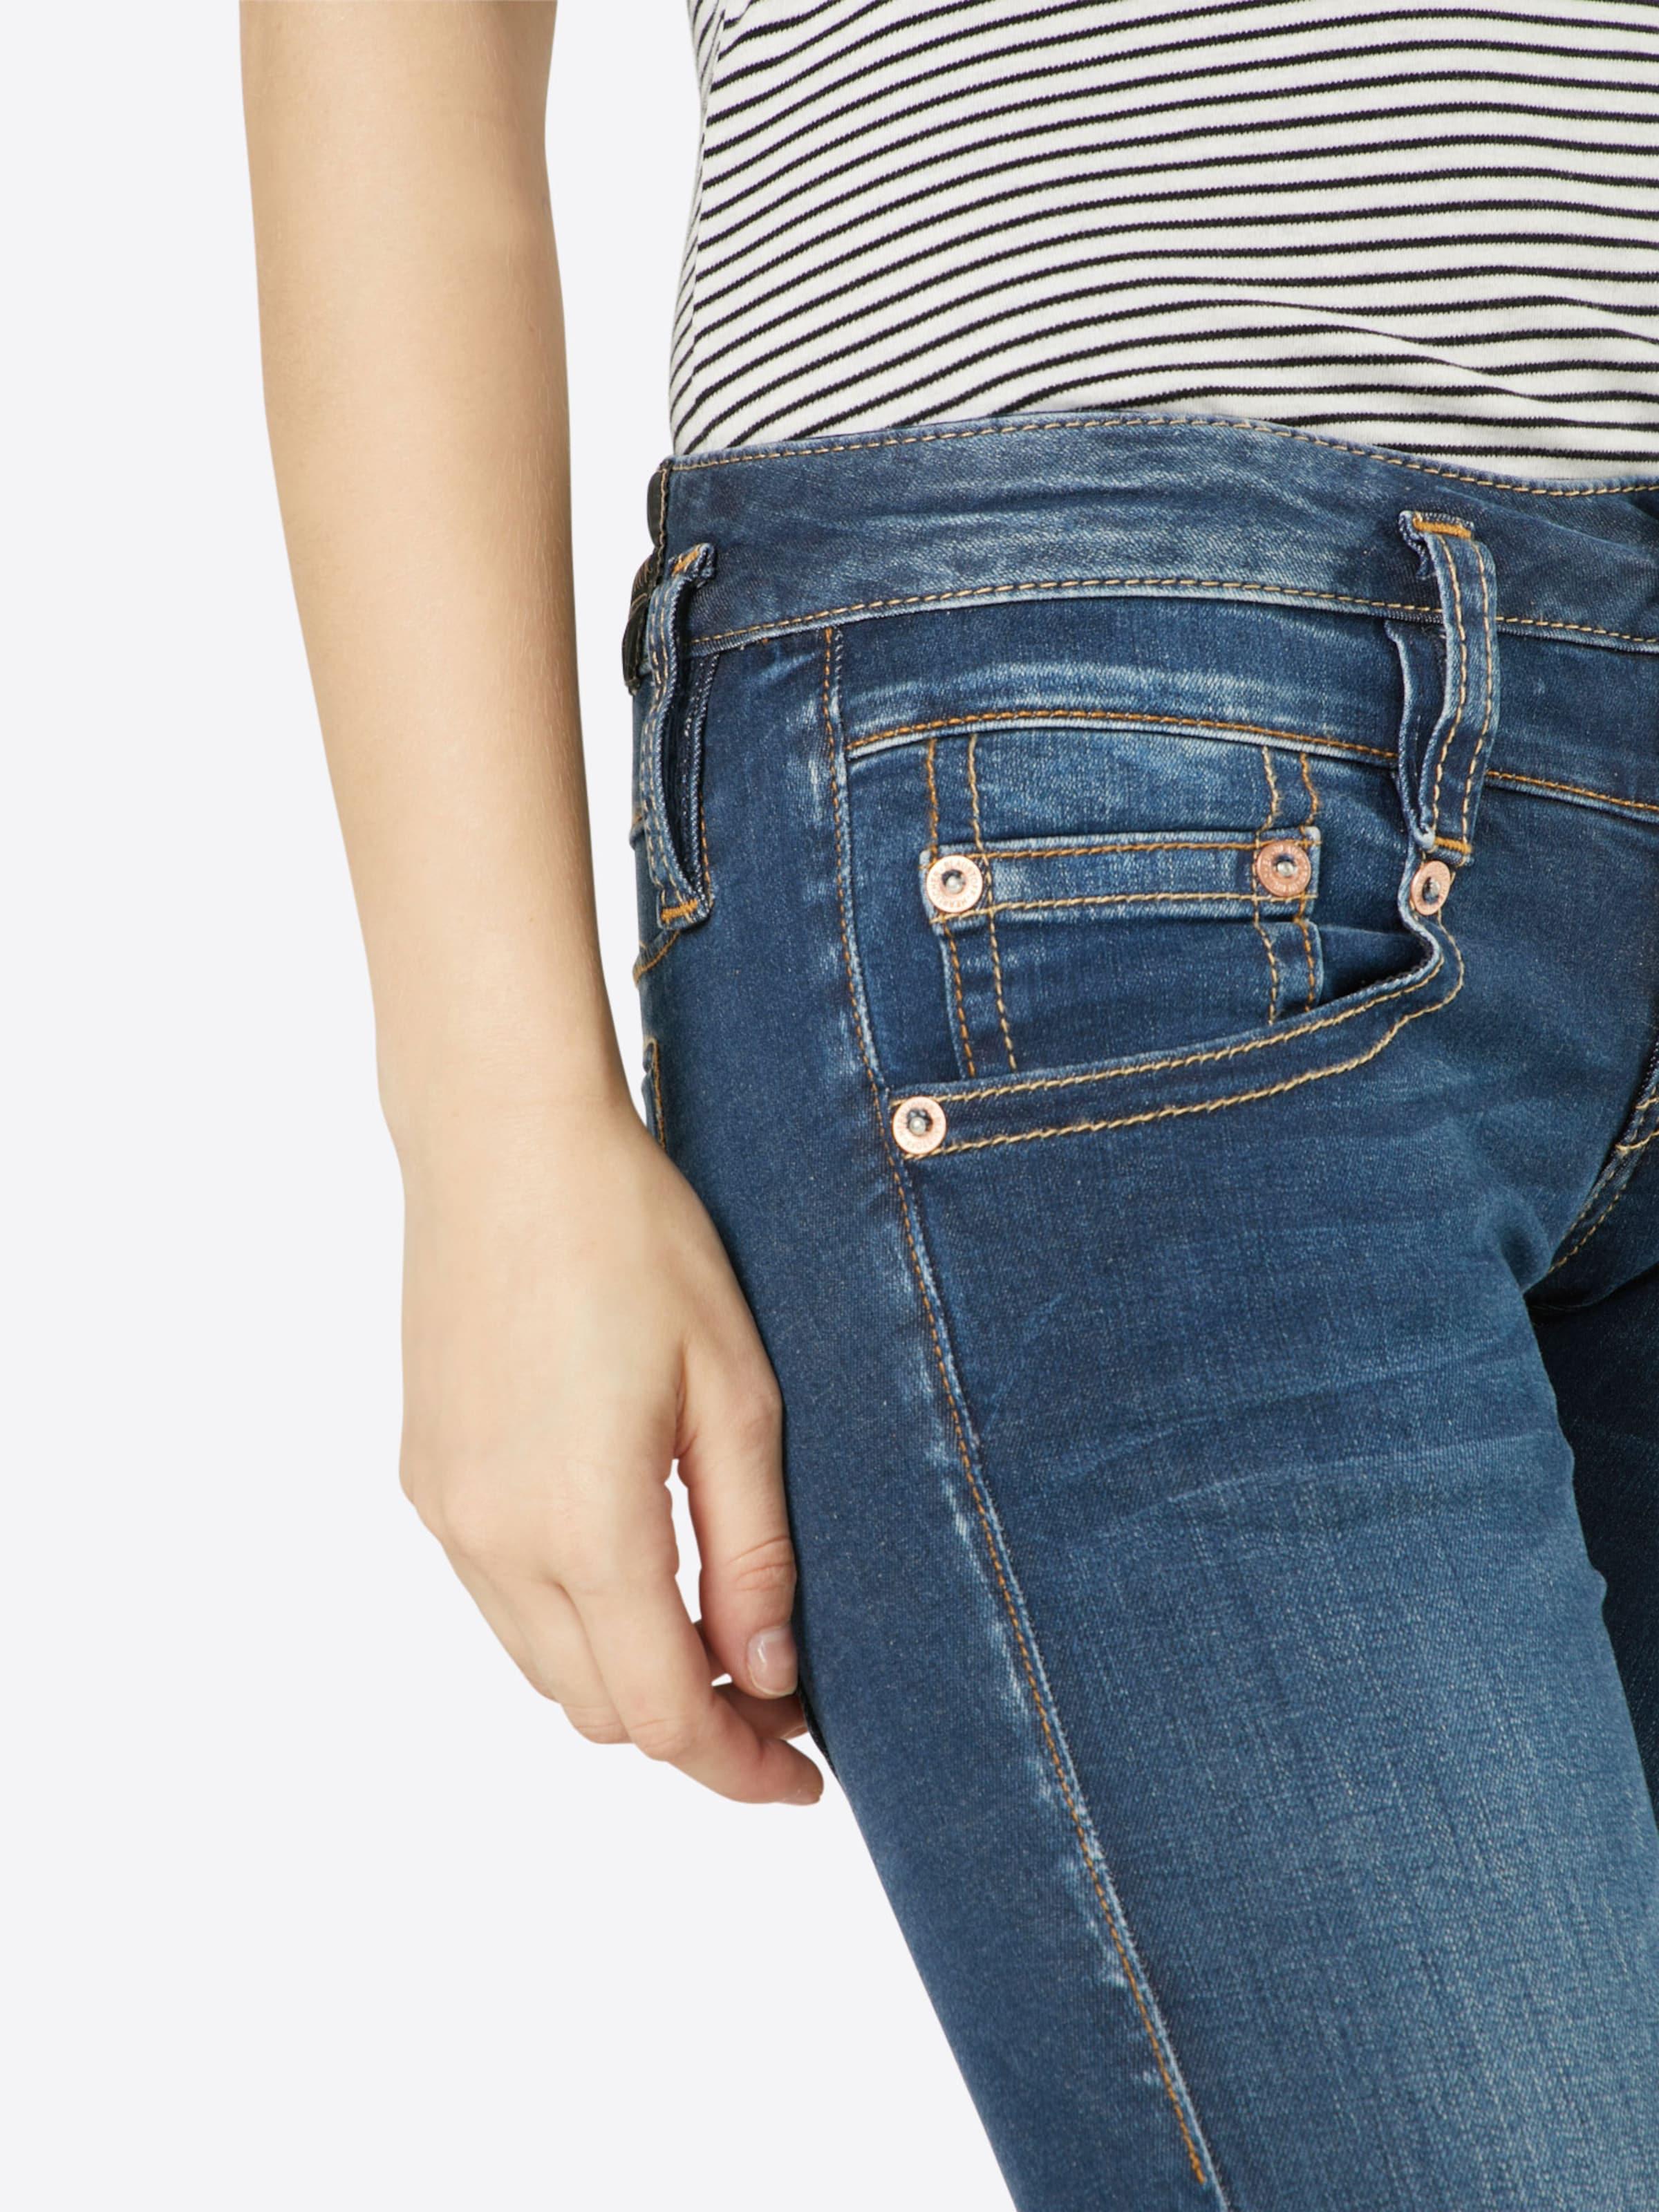 Erschwinglich Offiziell Herrlicher 'Pitch' Jeans im Used Look mit Kontrastnähten Günstig Kaufen Neueste Freies Verschiffen Billig Qualität Mit Visum Günstigem Preis Zahlen wqJBp